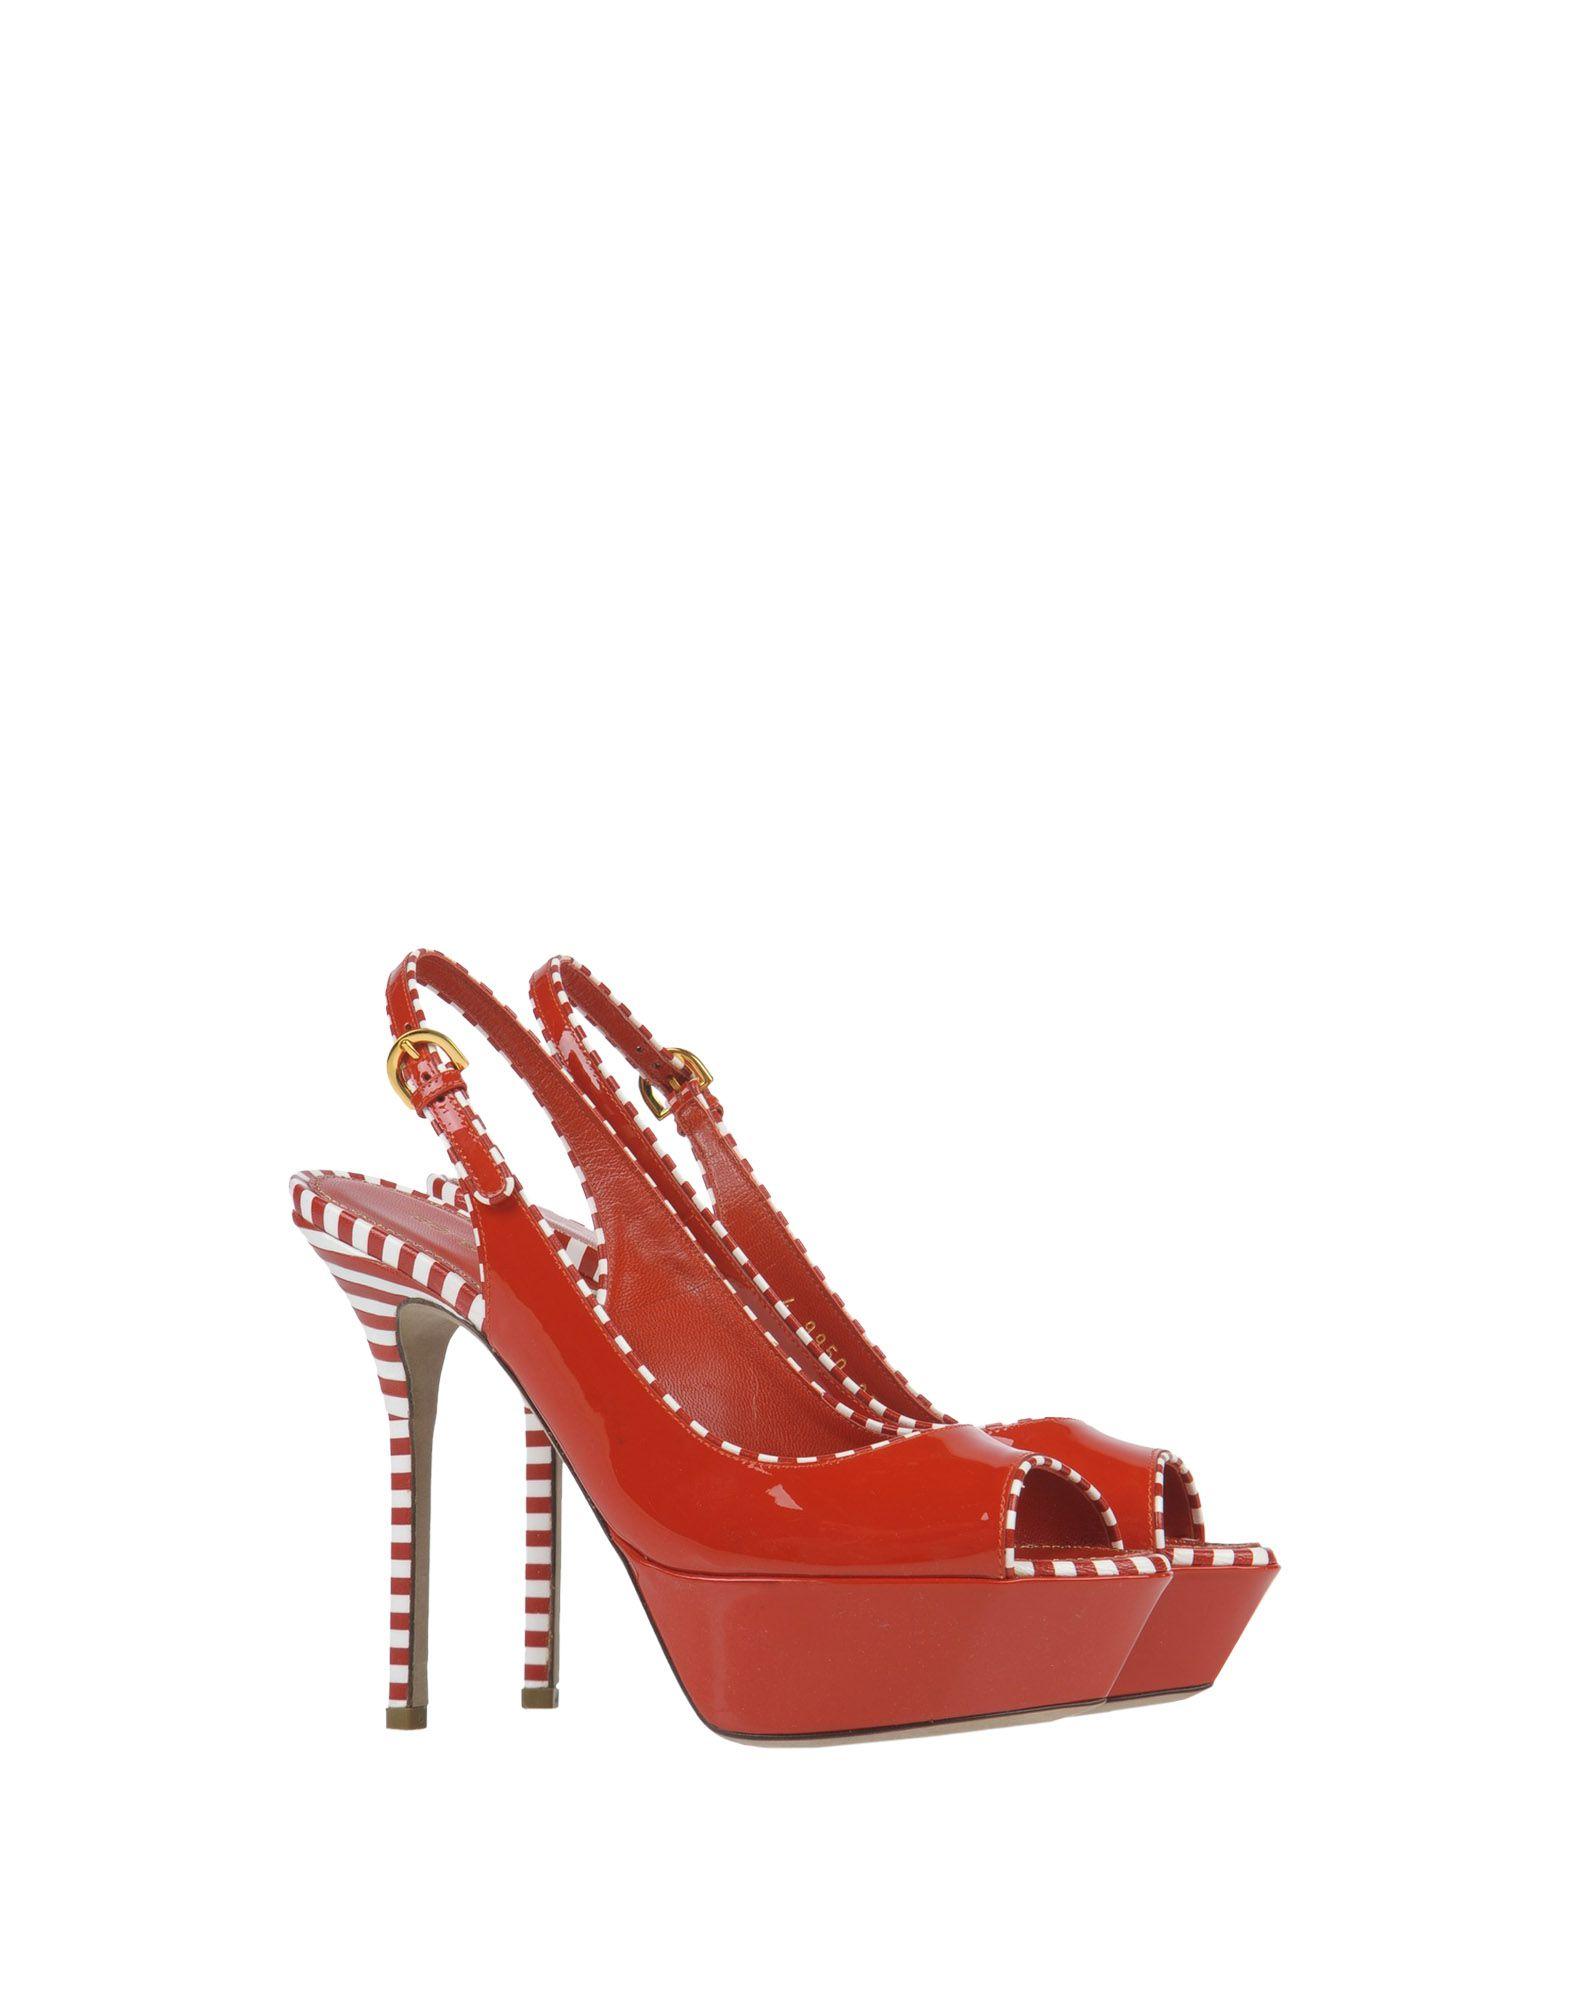 Sergio Rossi Sandalen Damen 11286307LIGut  11286307LIGut Damen aussehende strapazierfähige Schuhe f3d49c